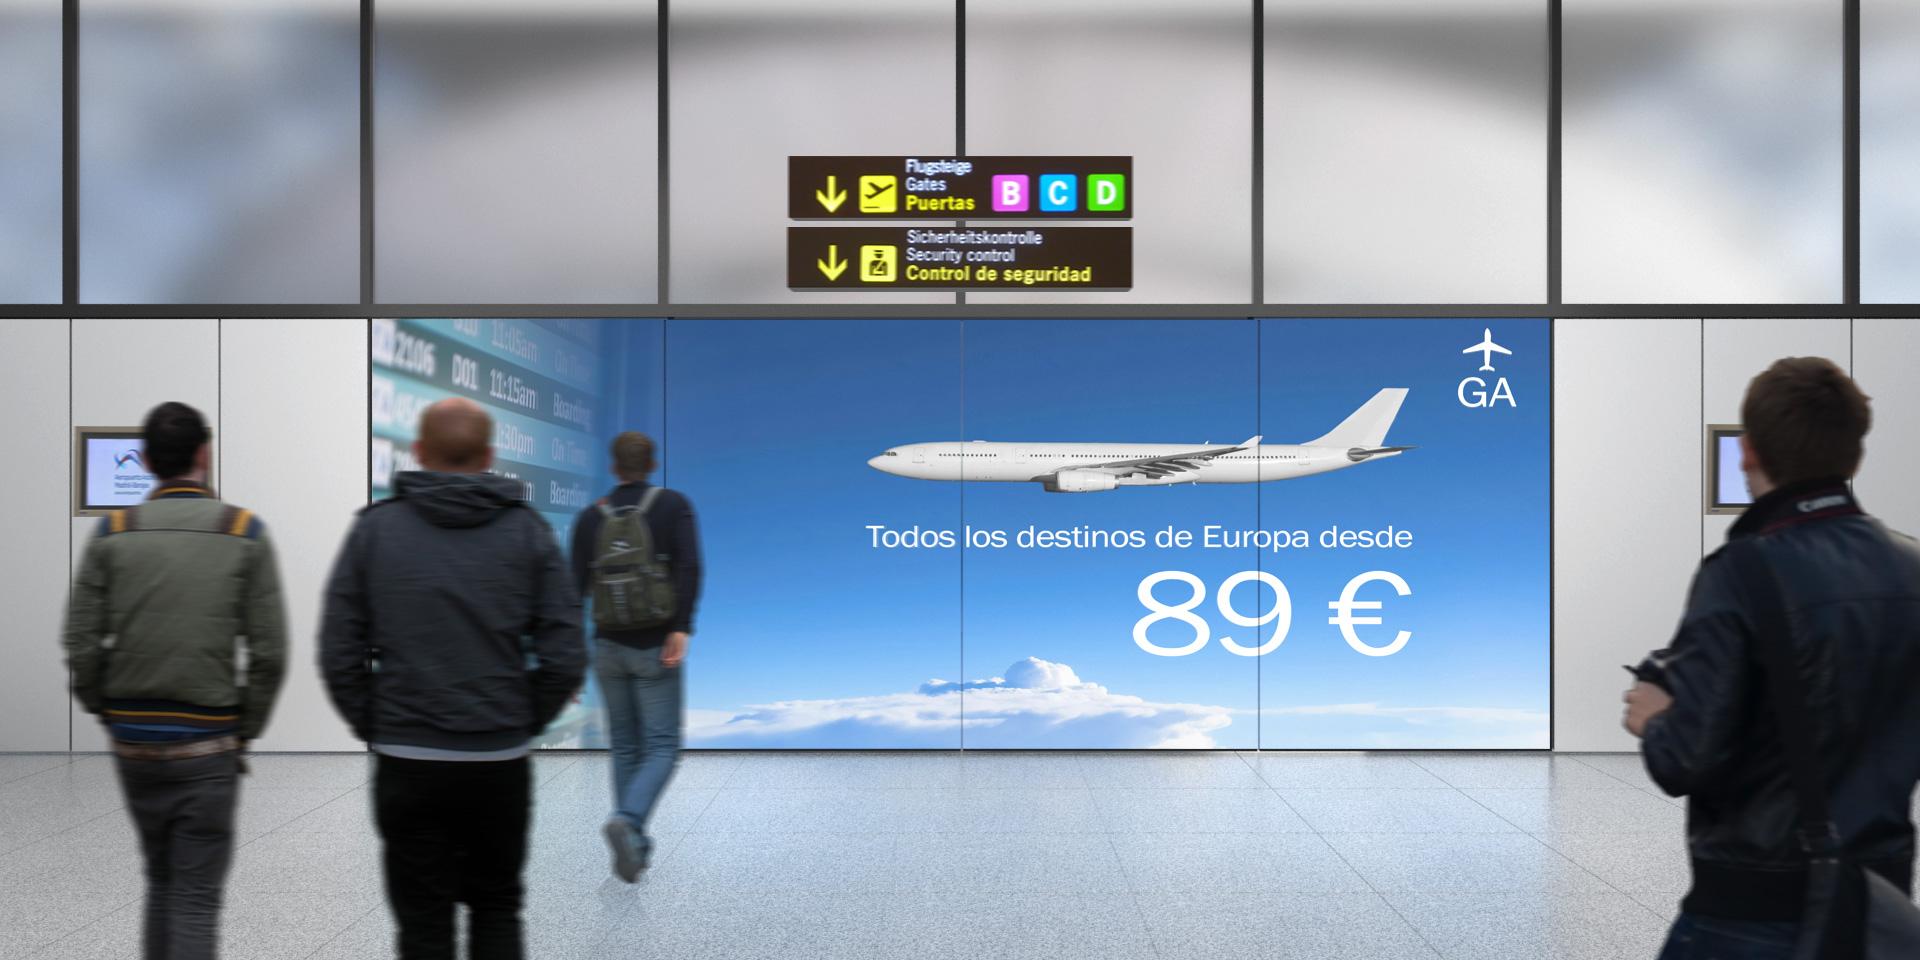 Zona de llegada de vuelos con fachada interactiva